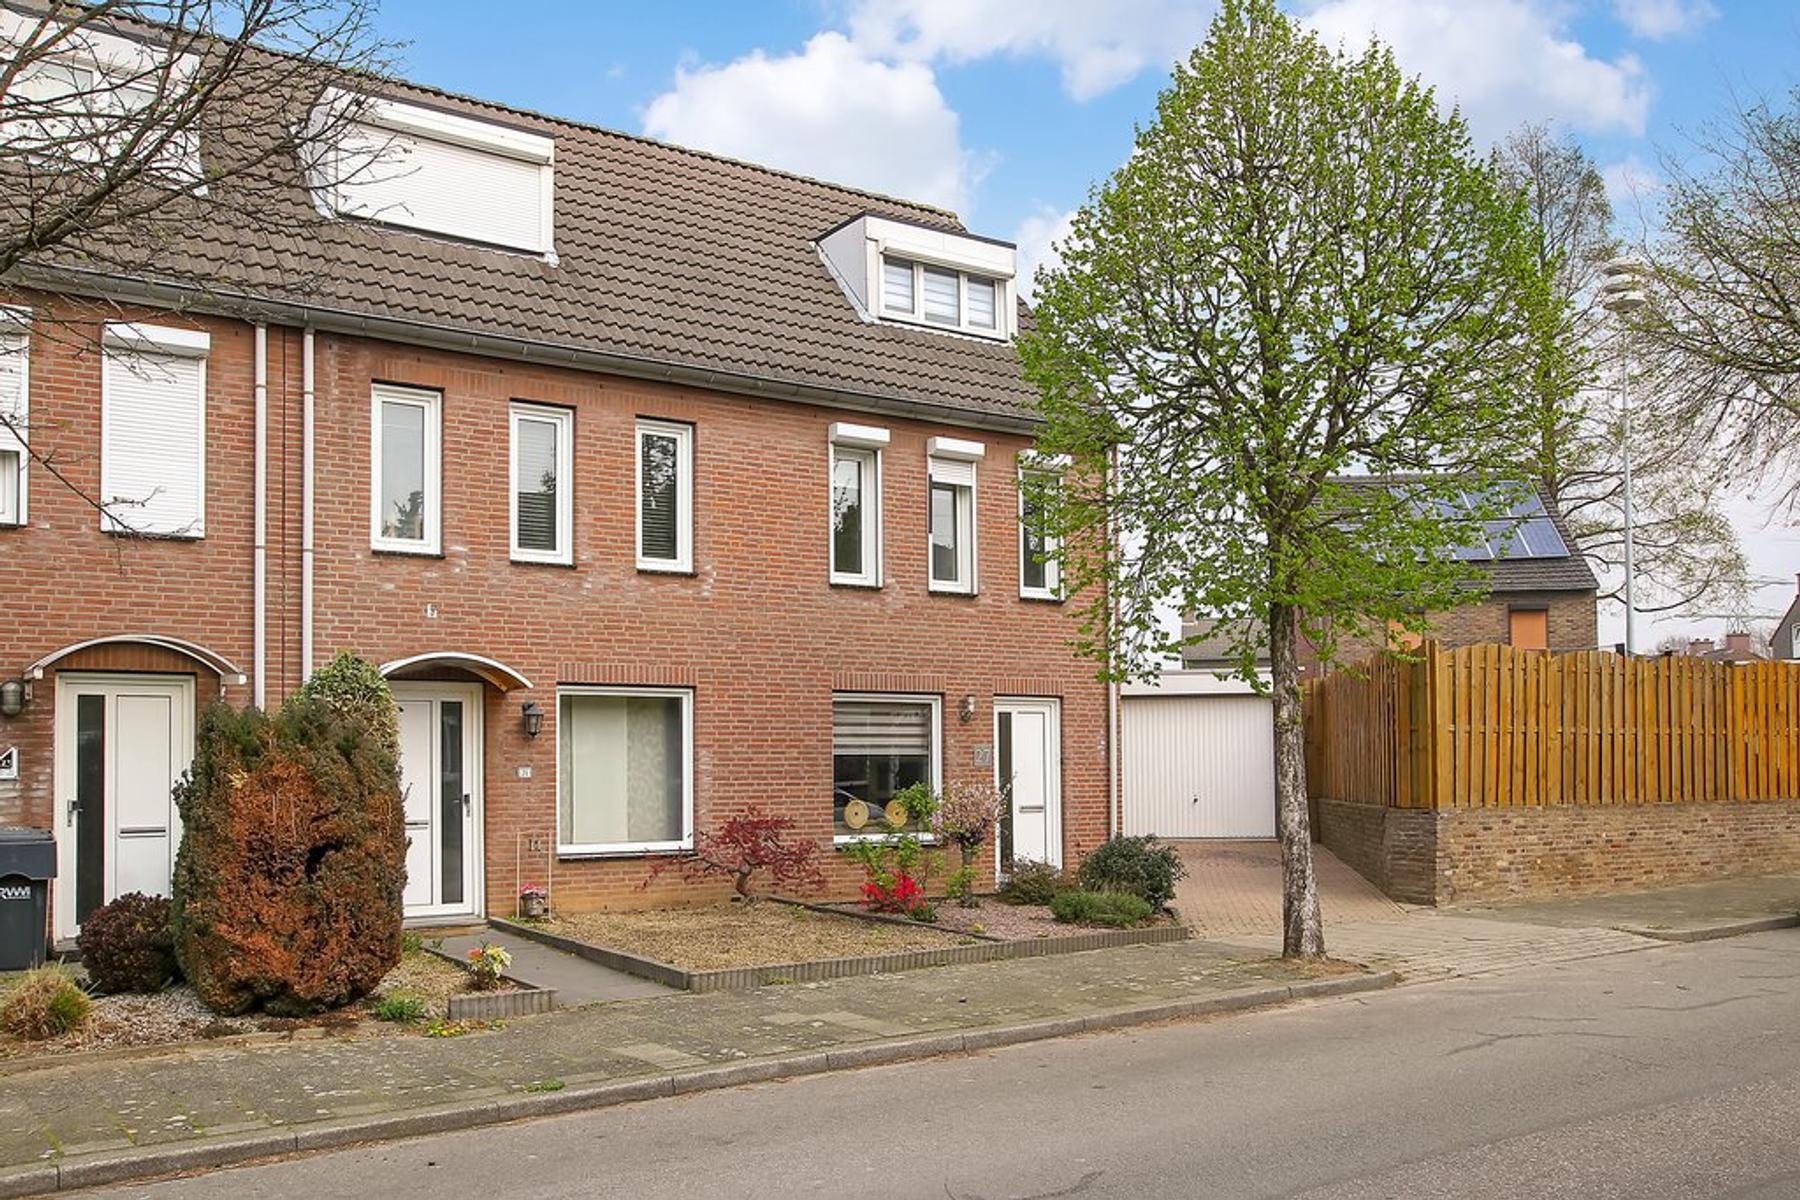 Pastoor Schoenmaeckersstraat 27 in Geleen 6163 BV